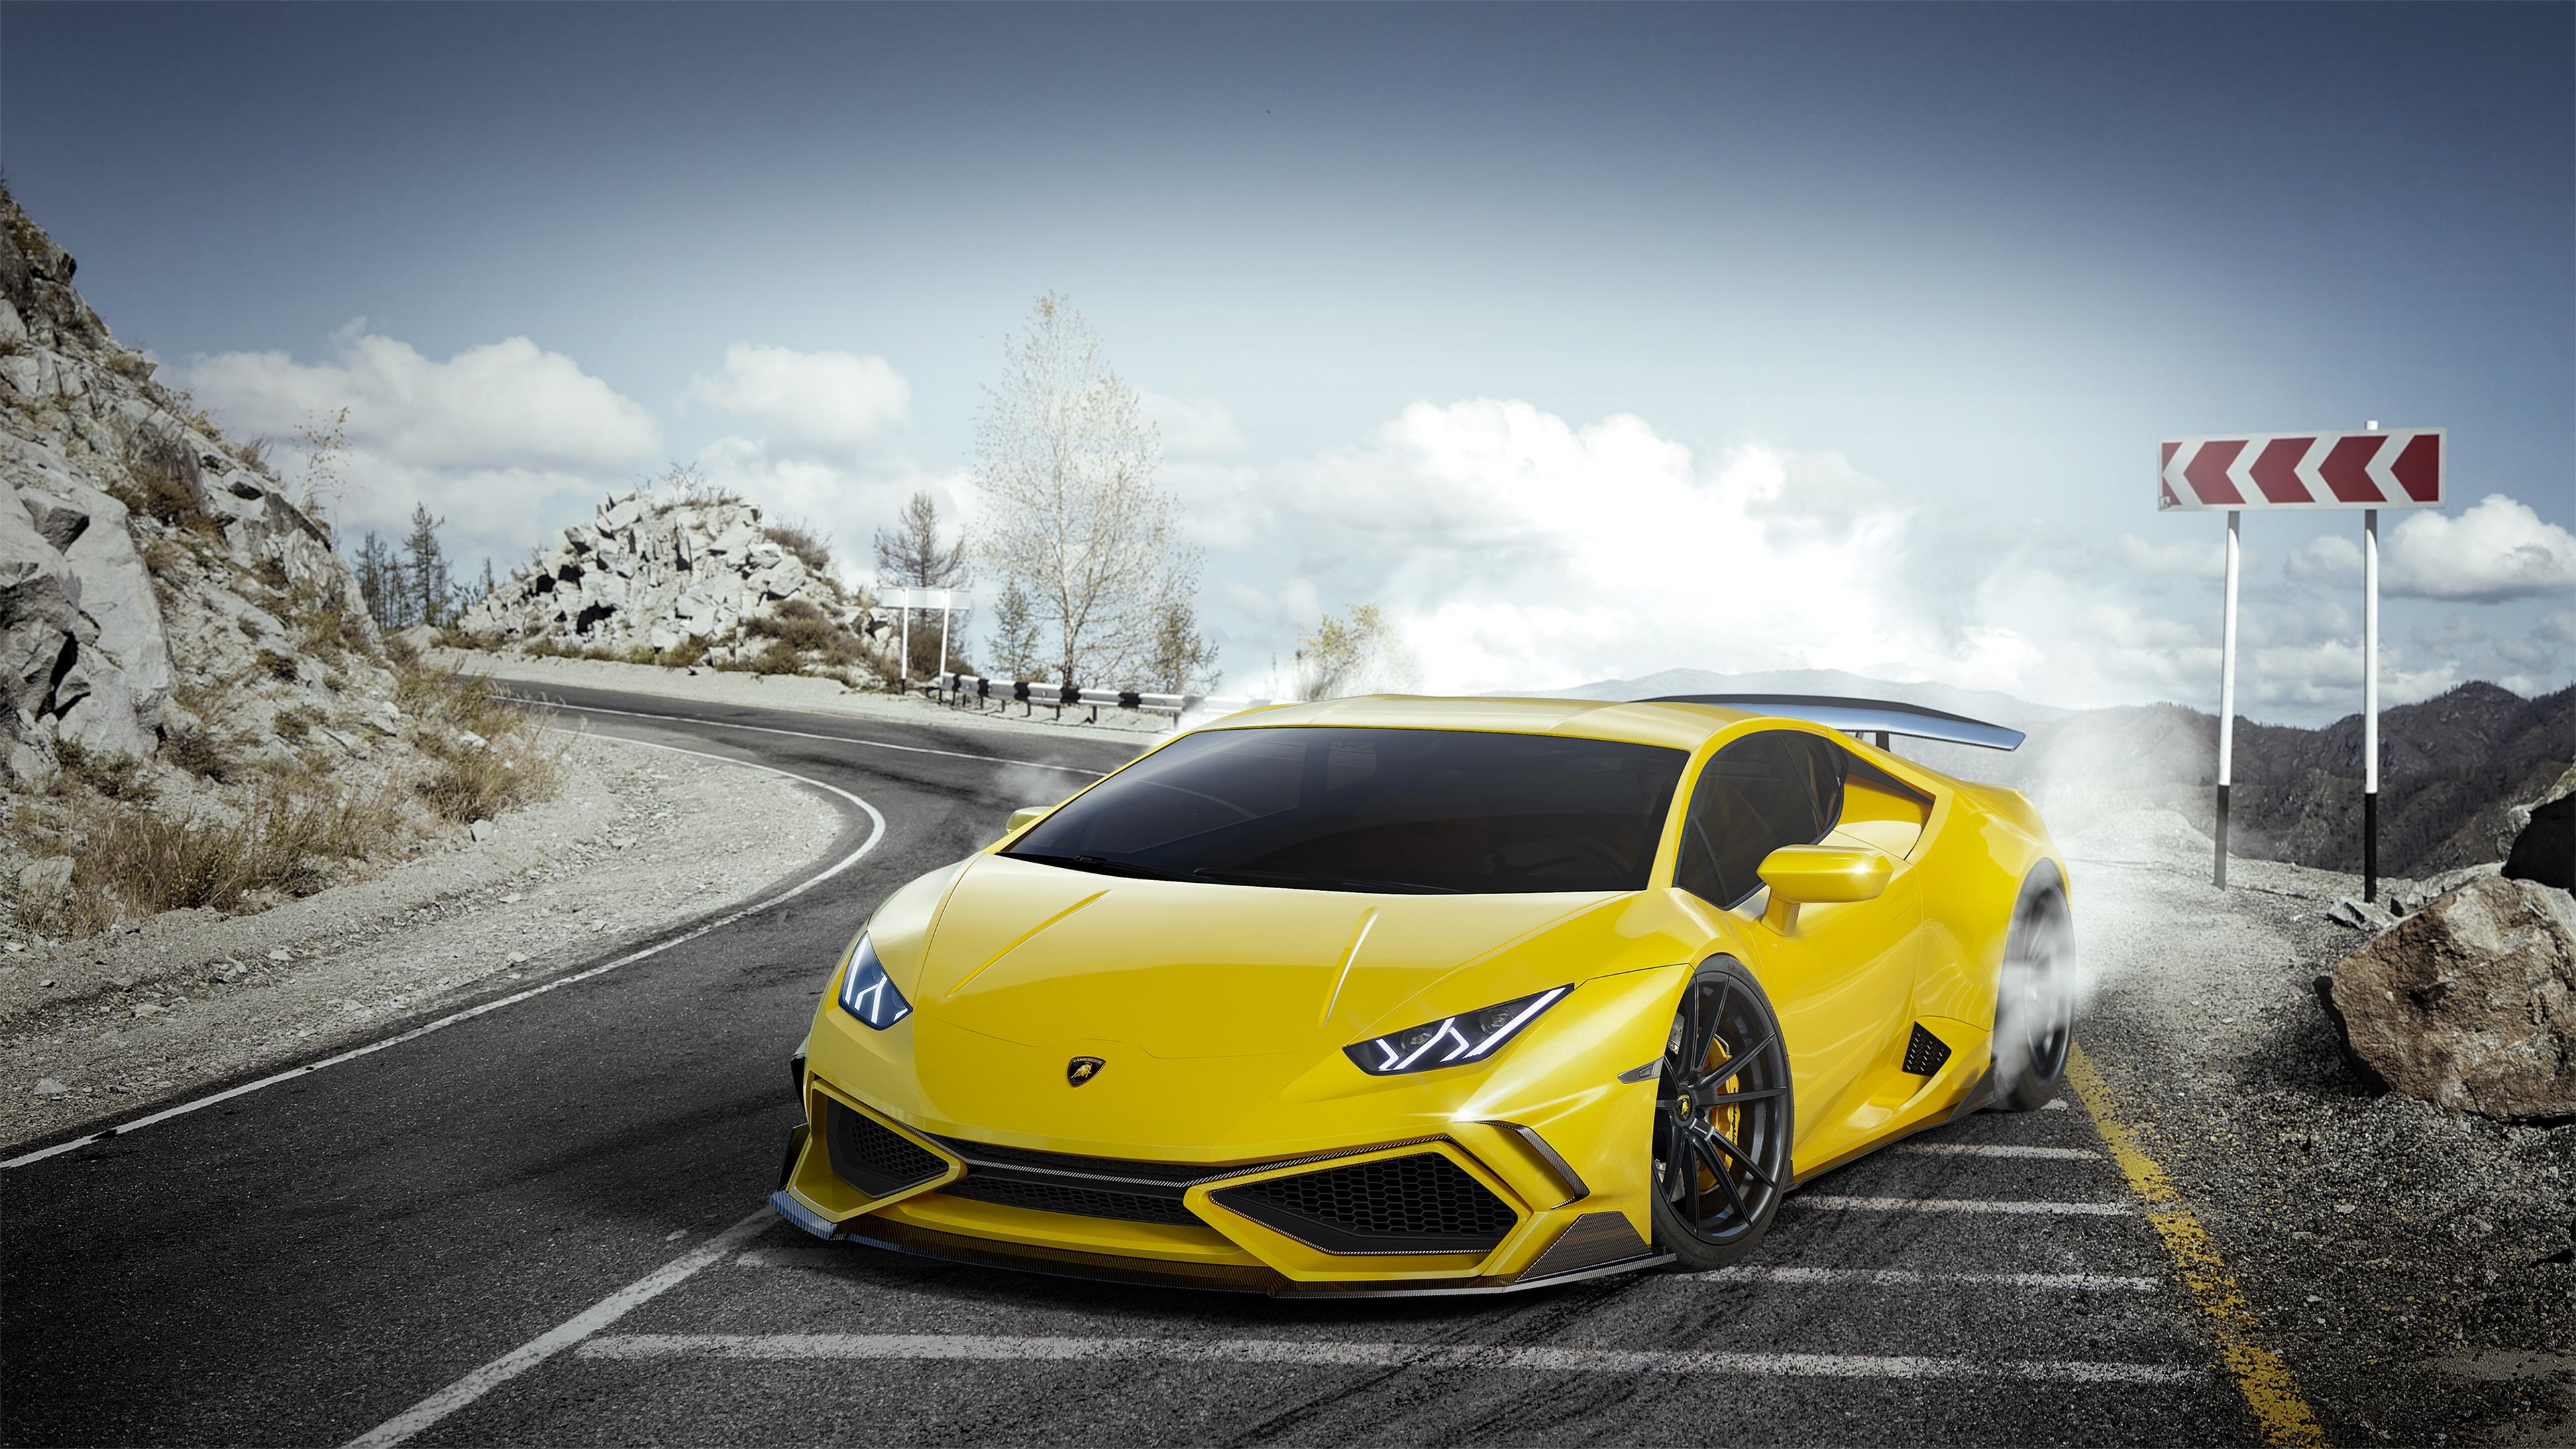 Yellow Lamborghini Huracan 4k Ultra Hd Wallpaper